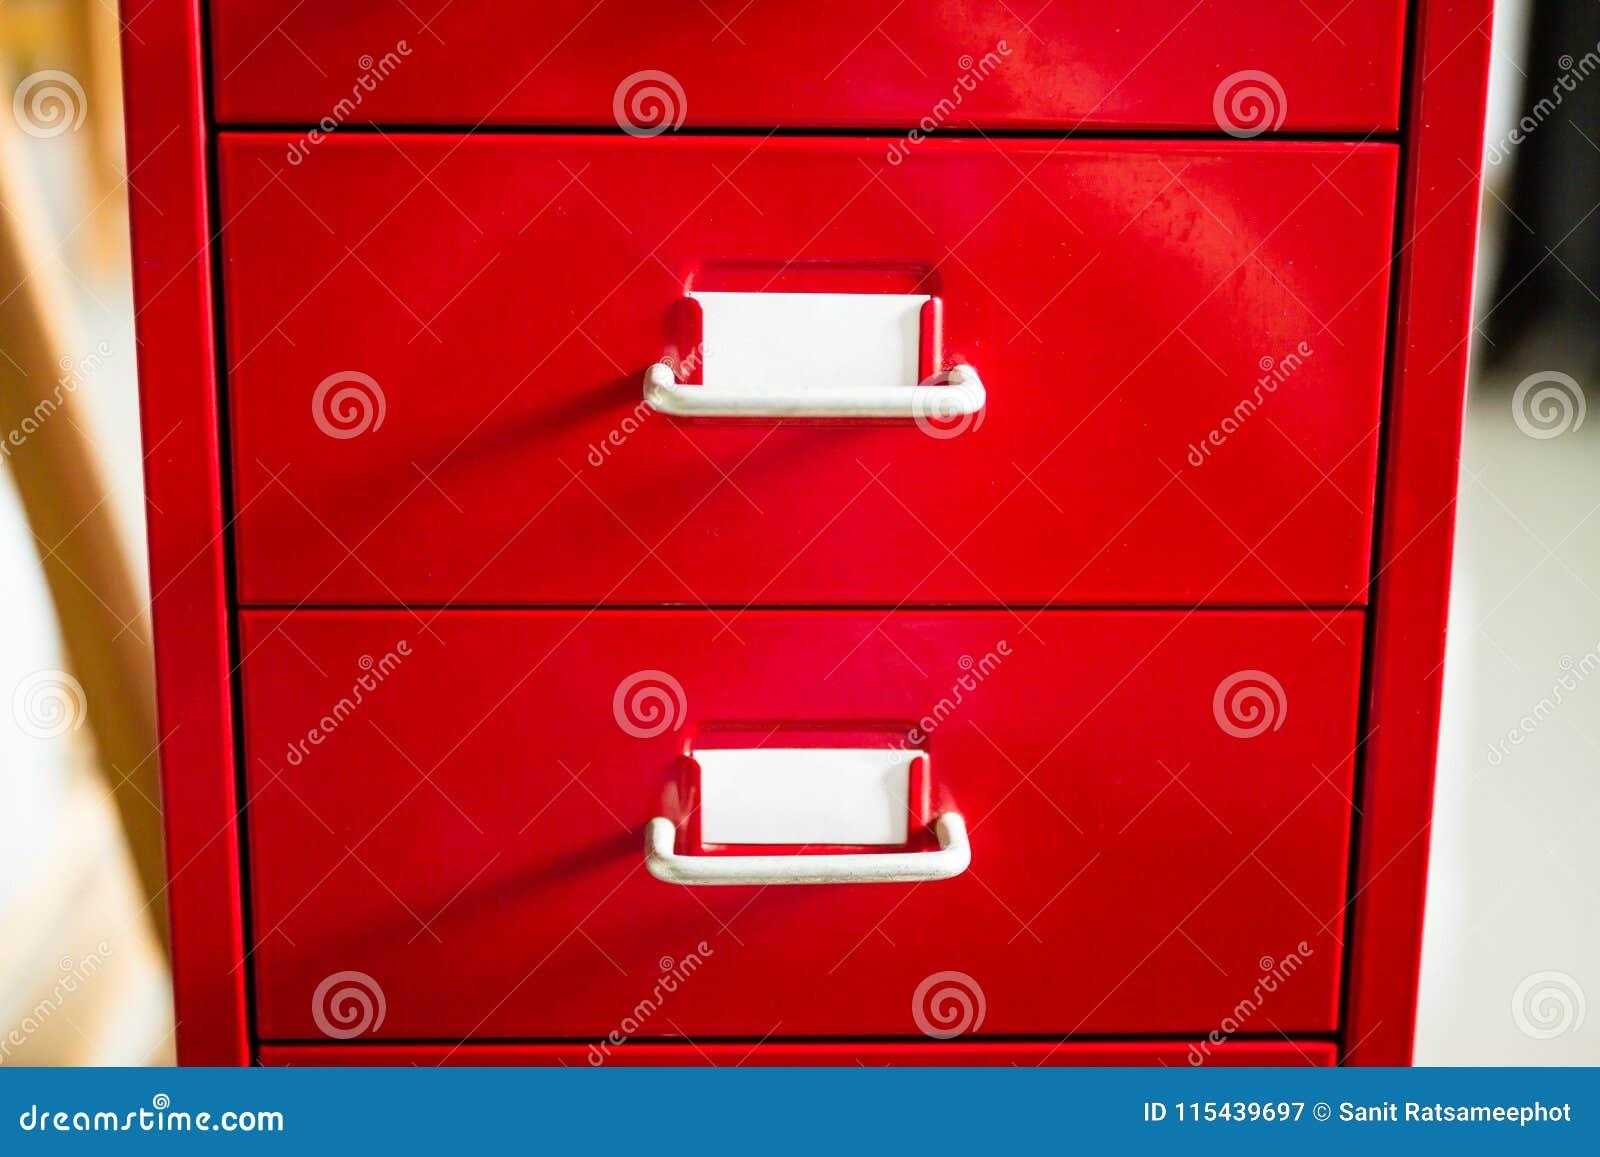 Вид спереди красного ящика документа закрыто